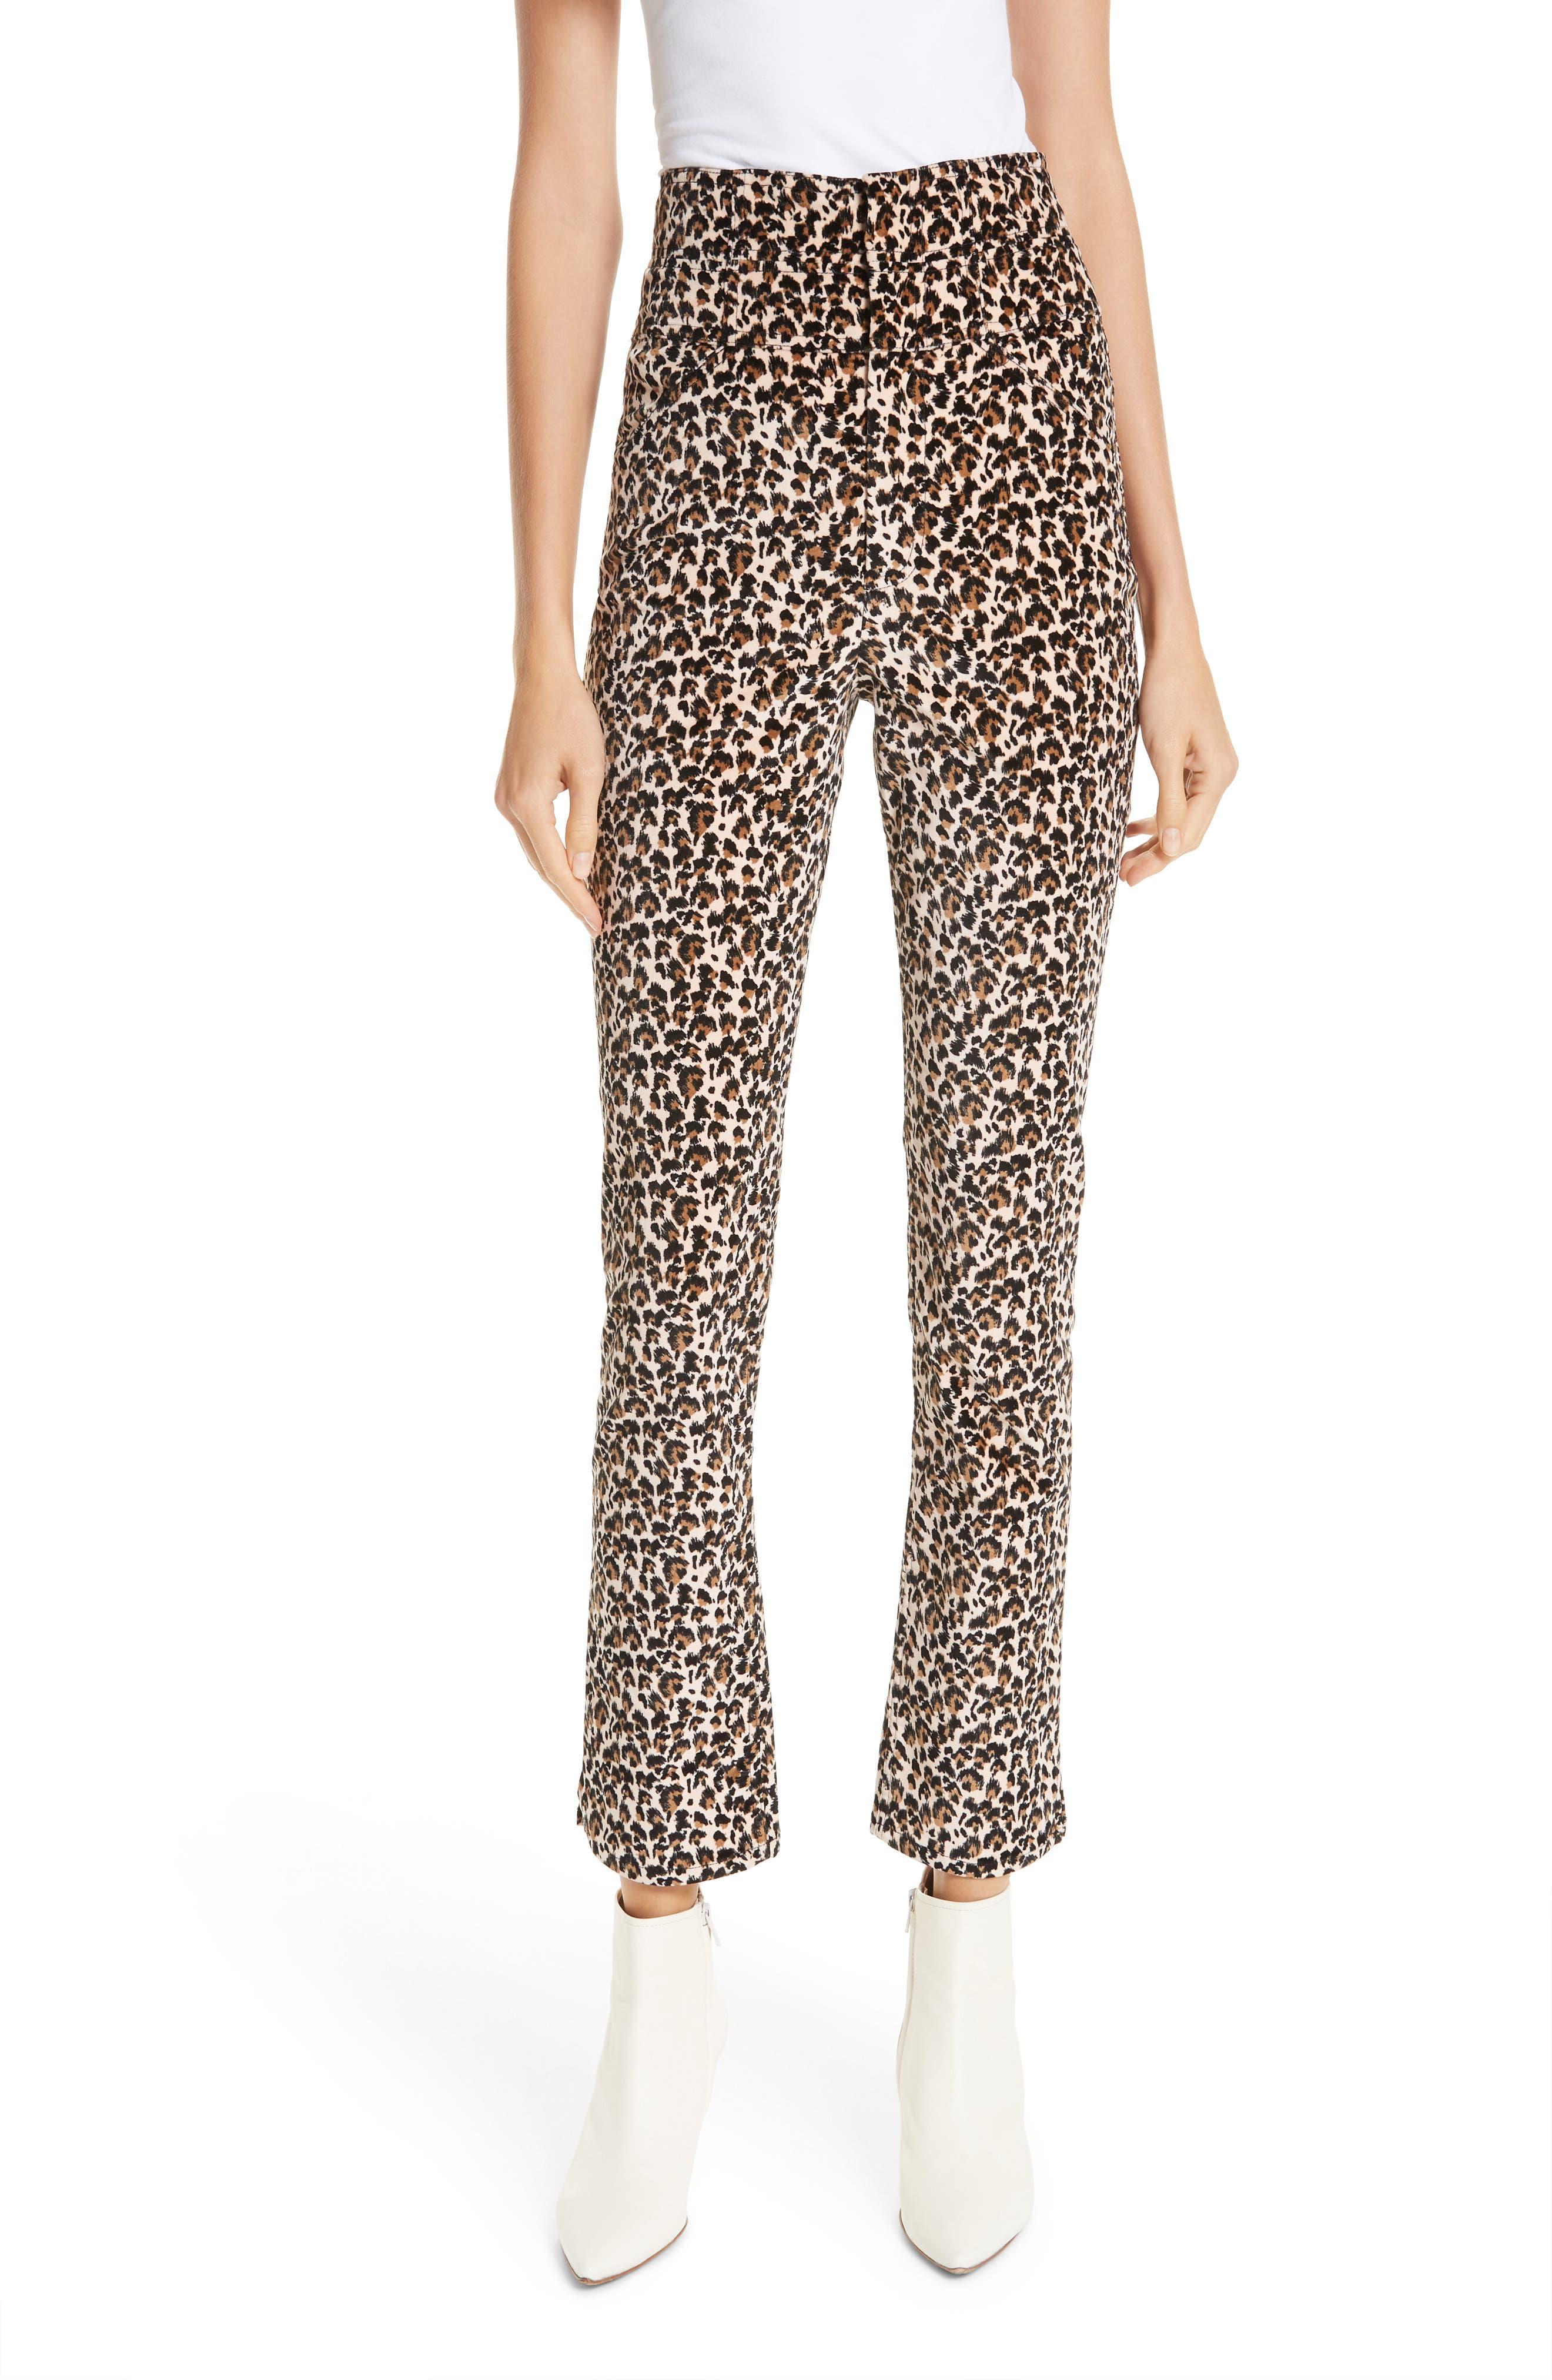 Leopard Print Stretch Velvet Pants,                             Main thumbnail 1, color,                             250